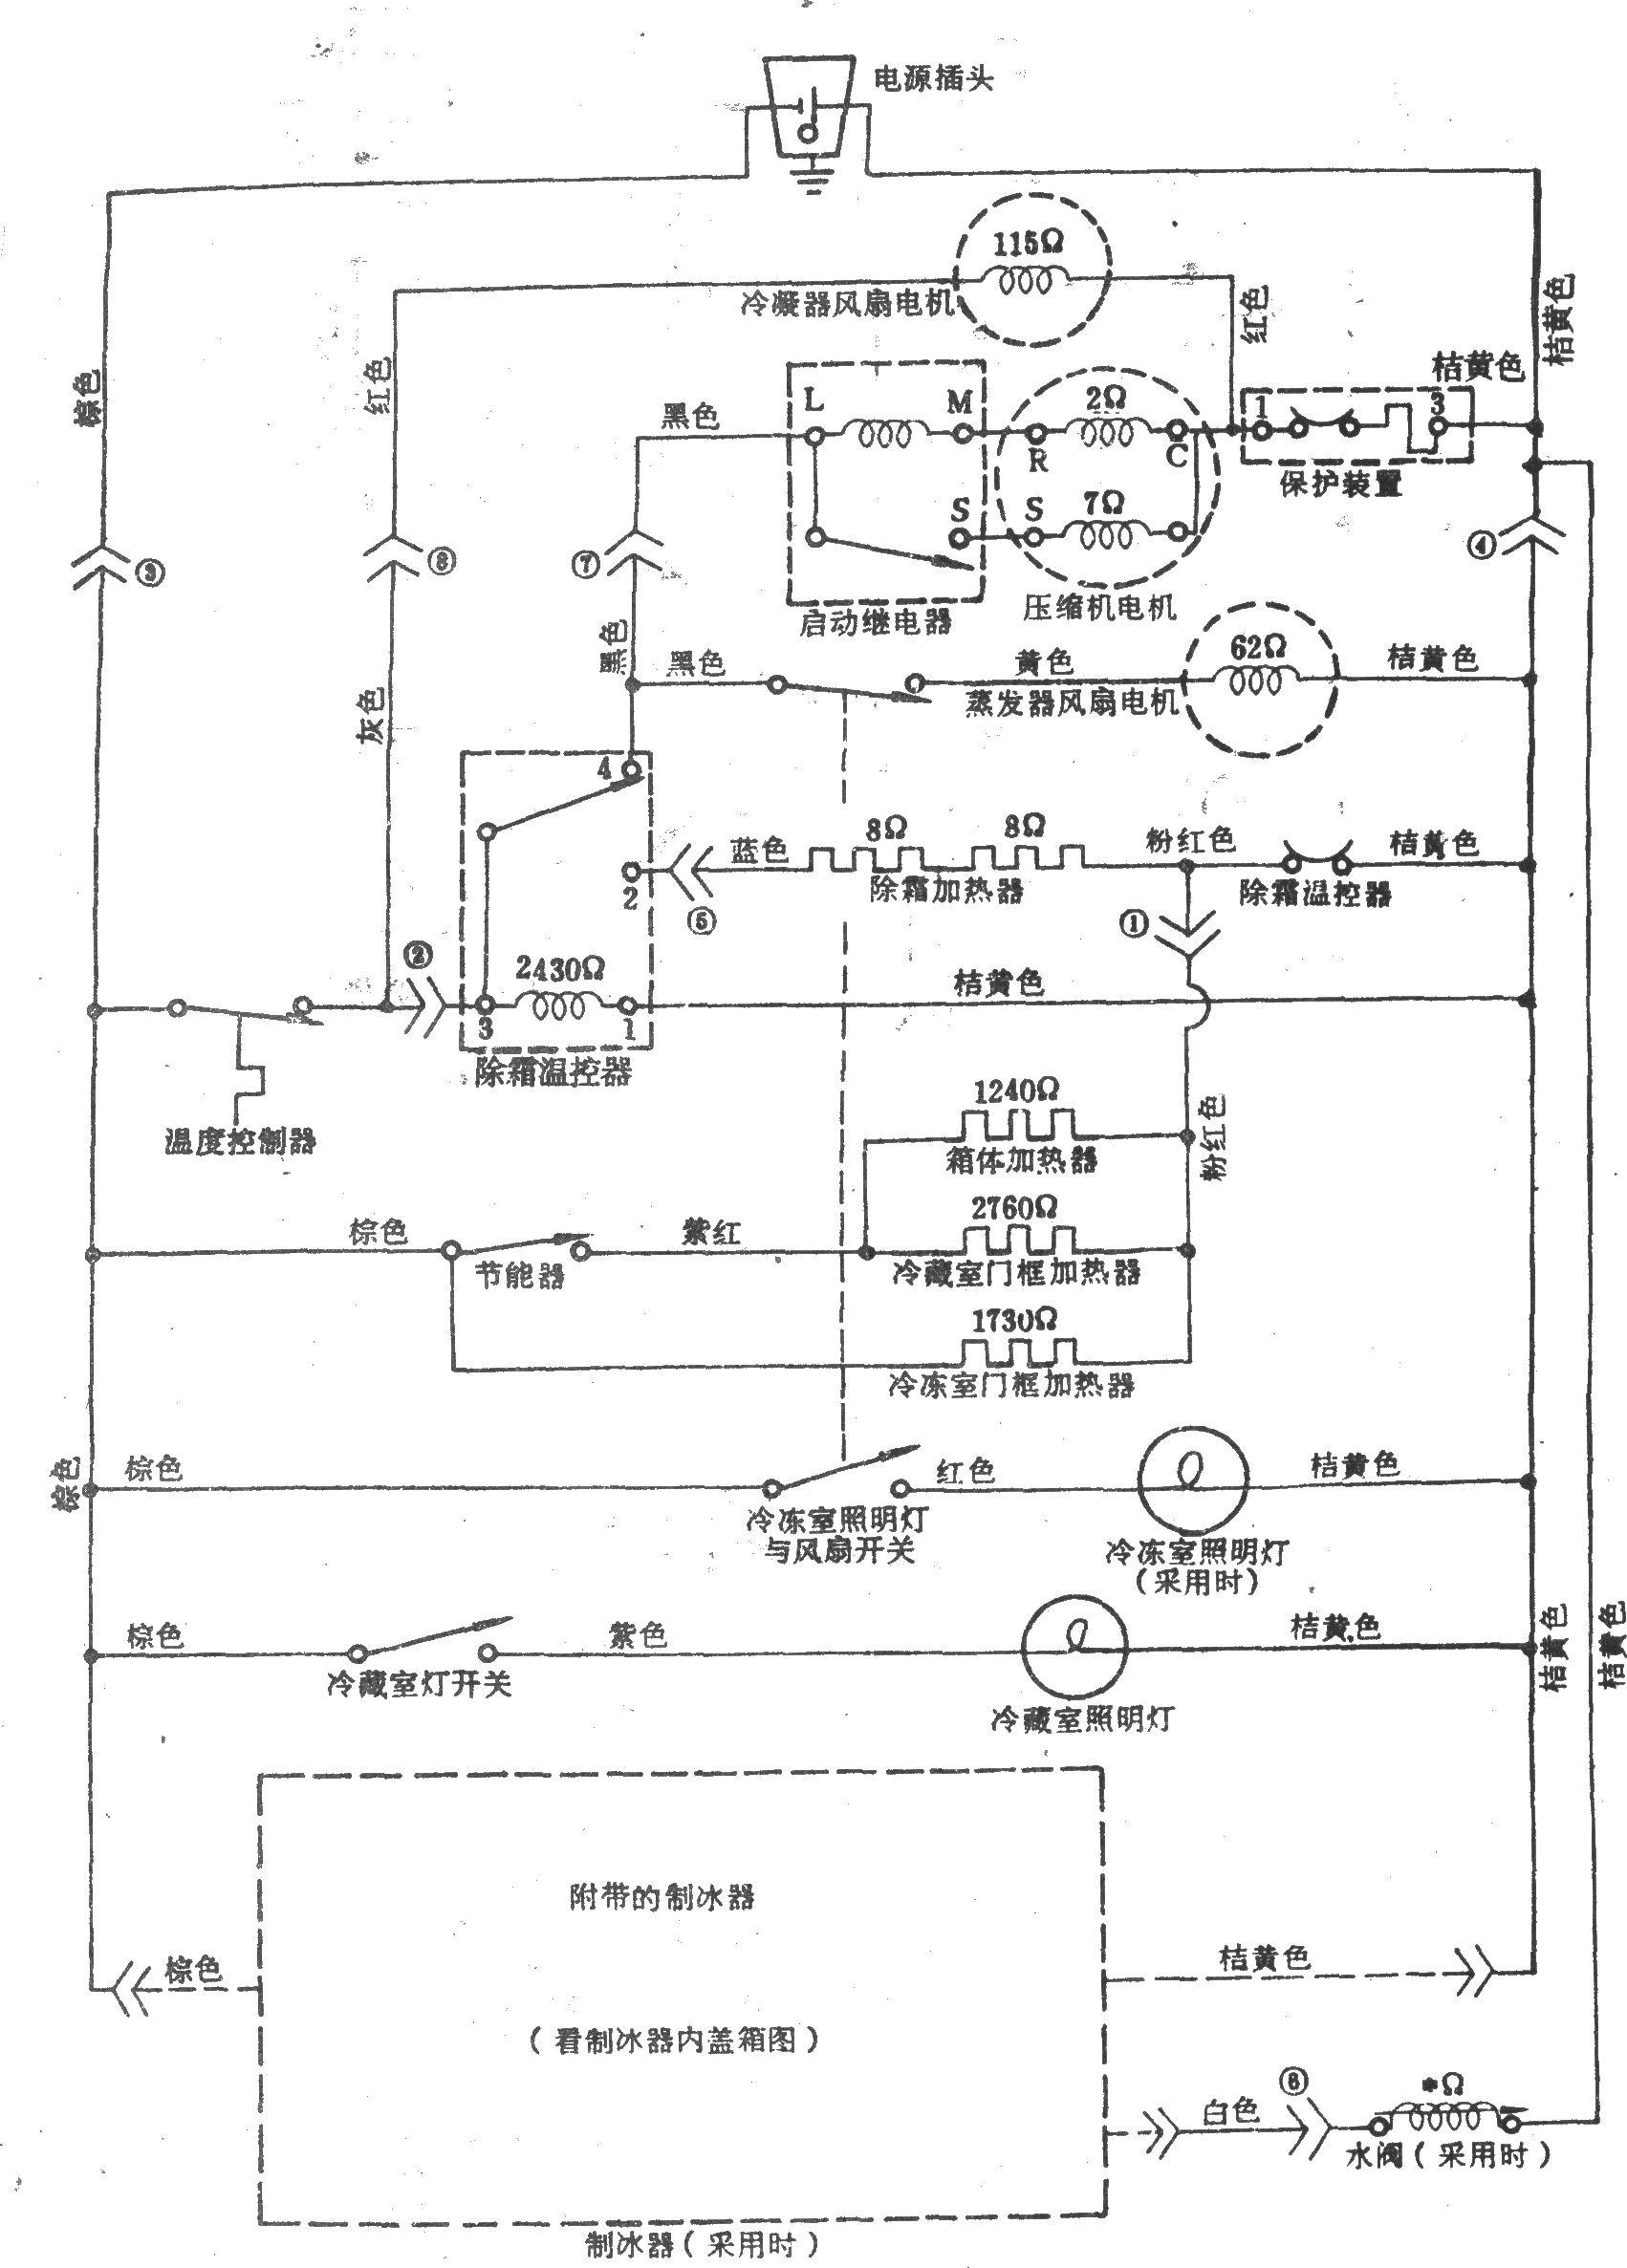 电路图频道 家用电器电路 空调冰箱